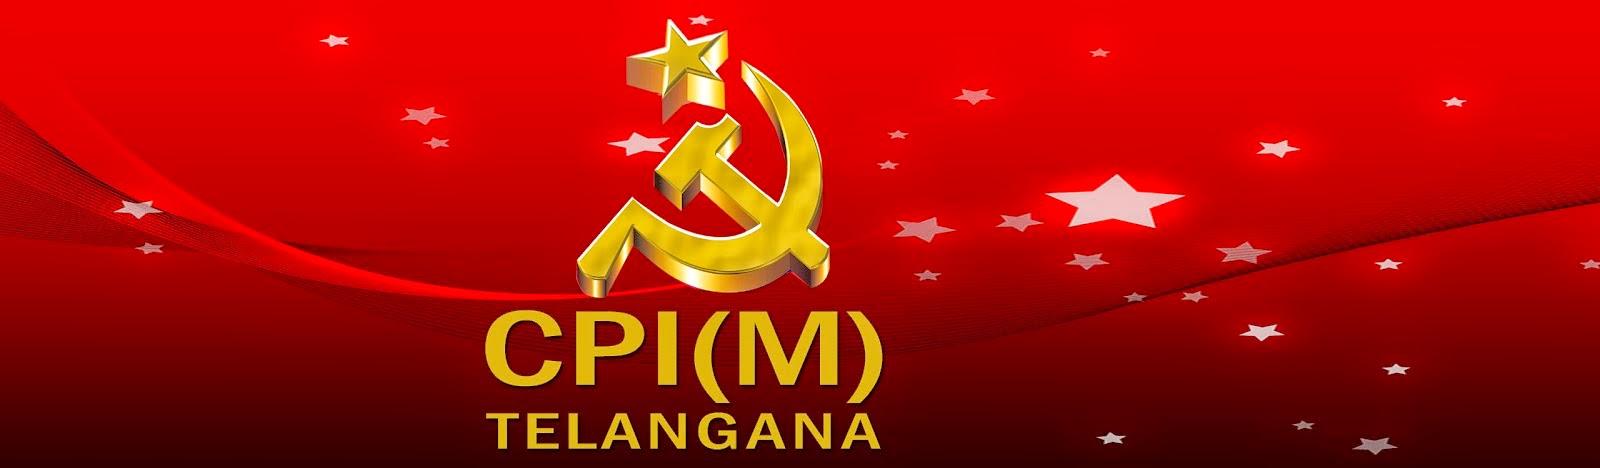 CPI(M ) TELANGANA